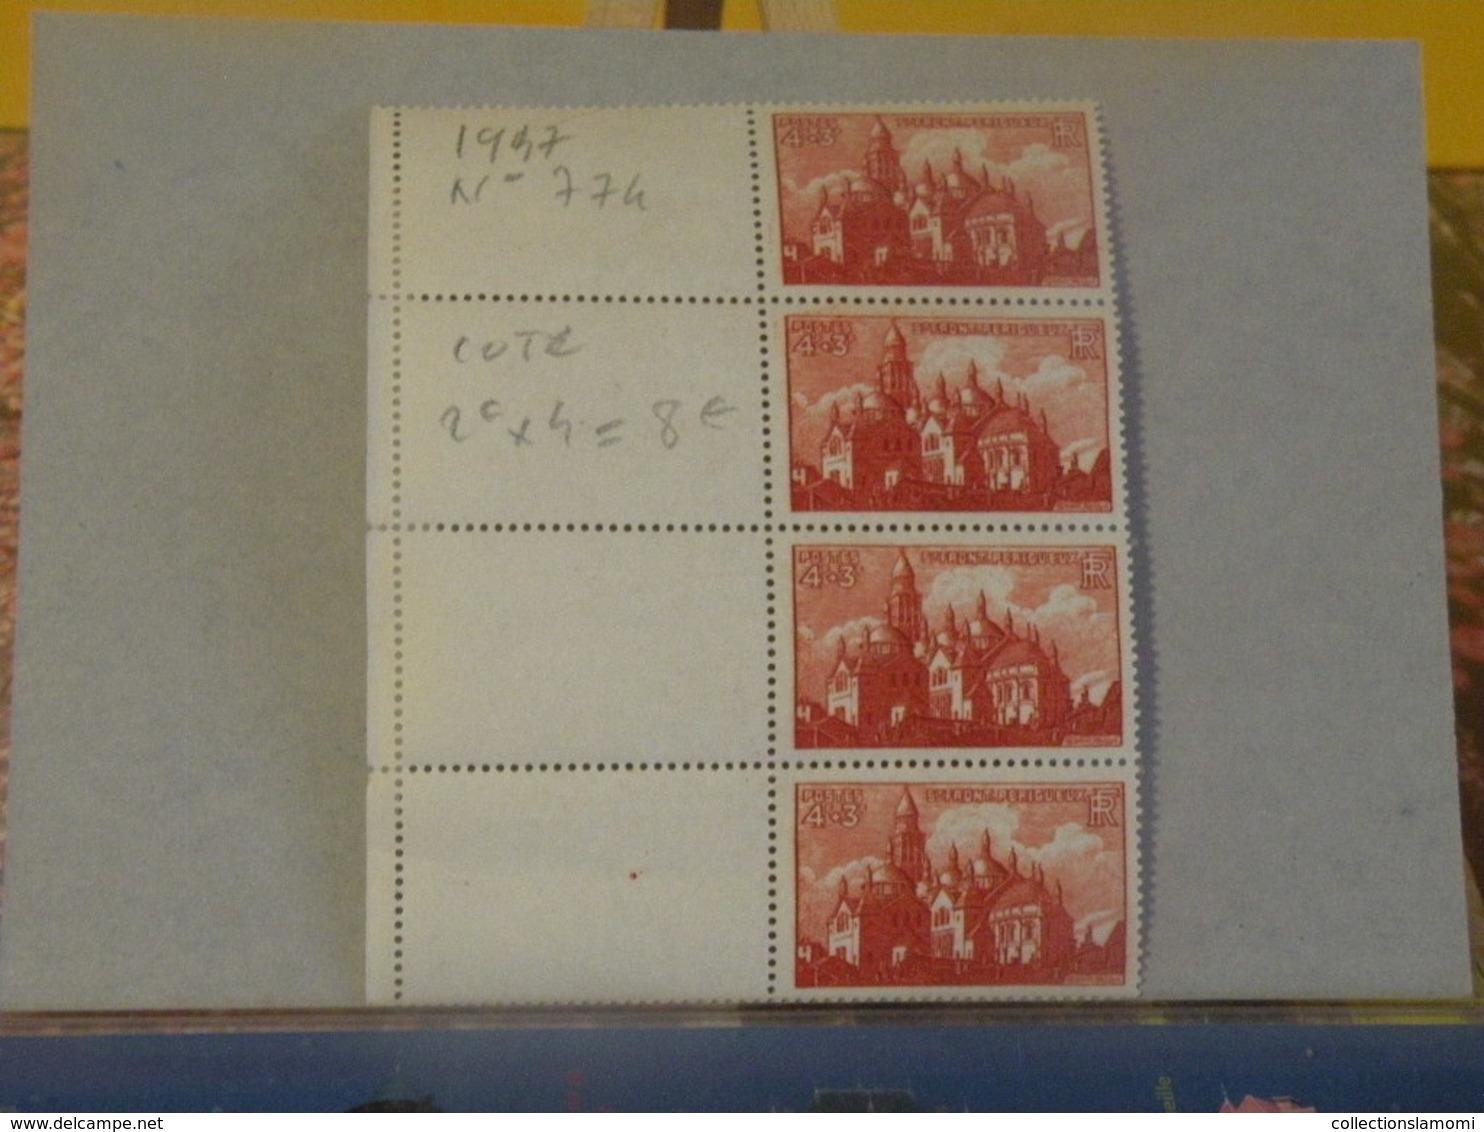 Timbres Neufs > St Front Périgueux - N°774 - Y&T 1947 - Coté 8€ - Unused Stamps